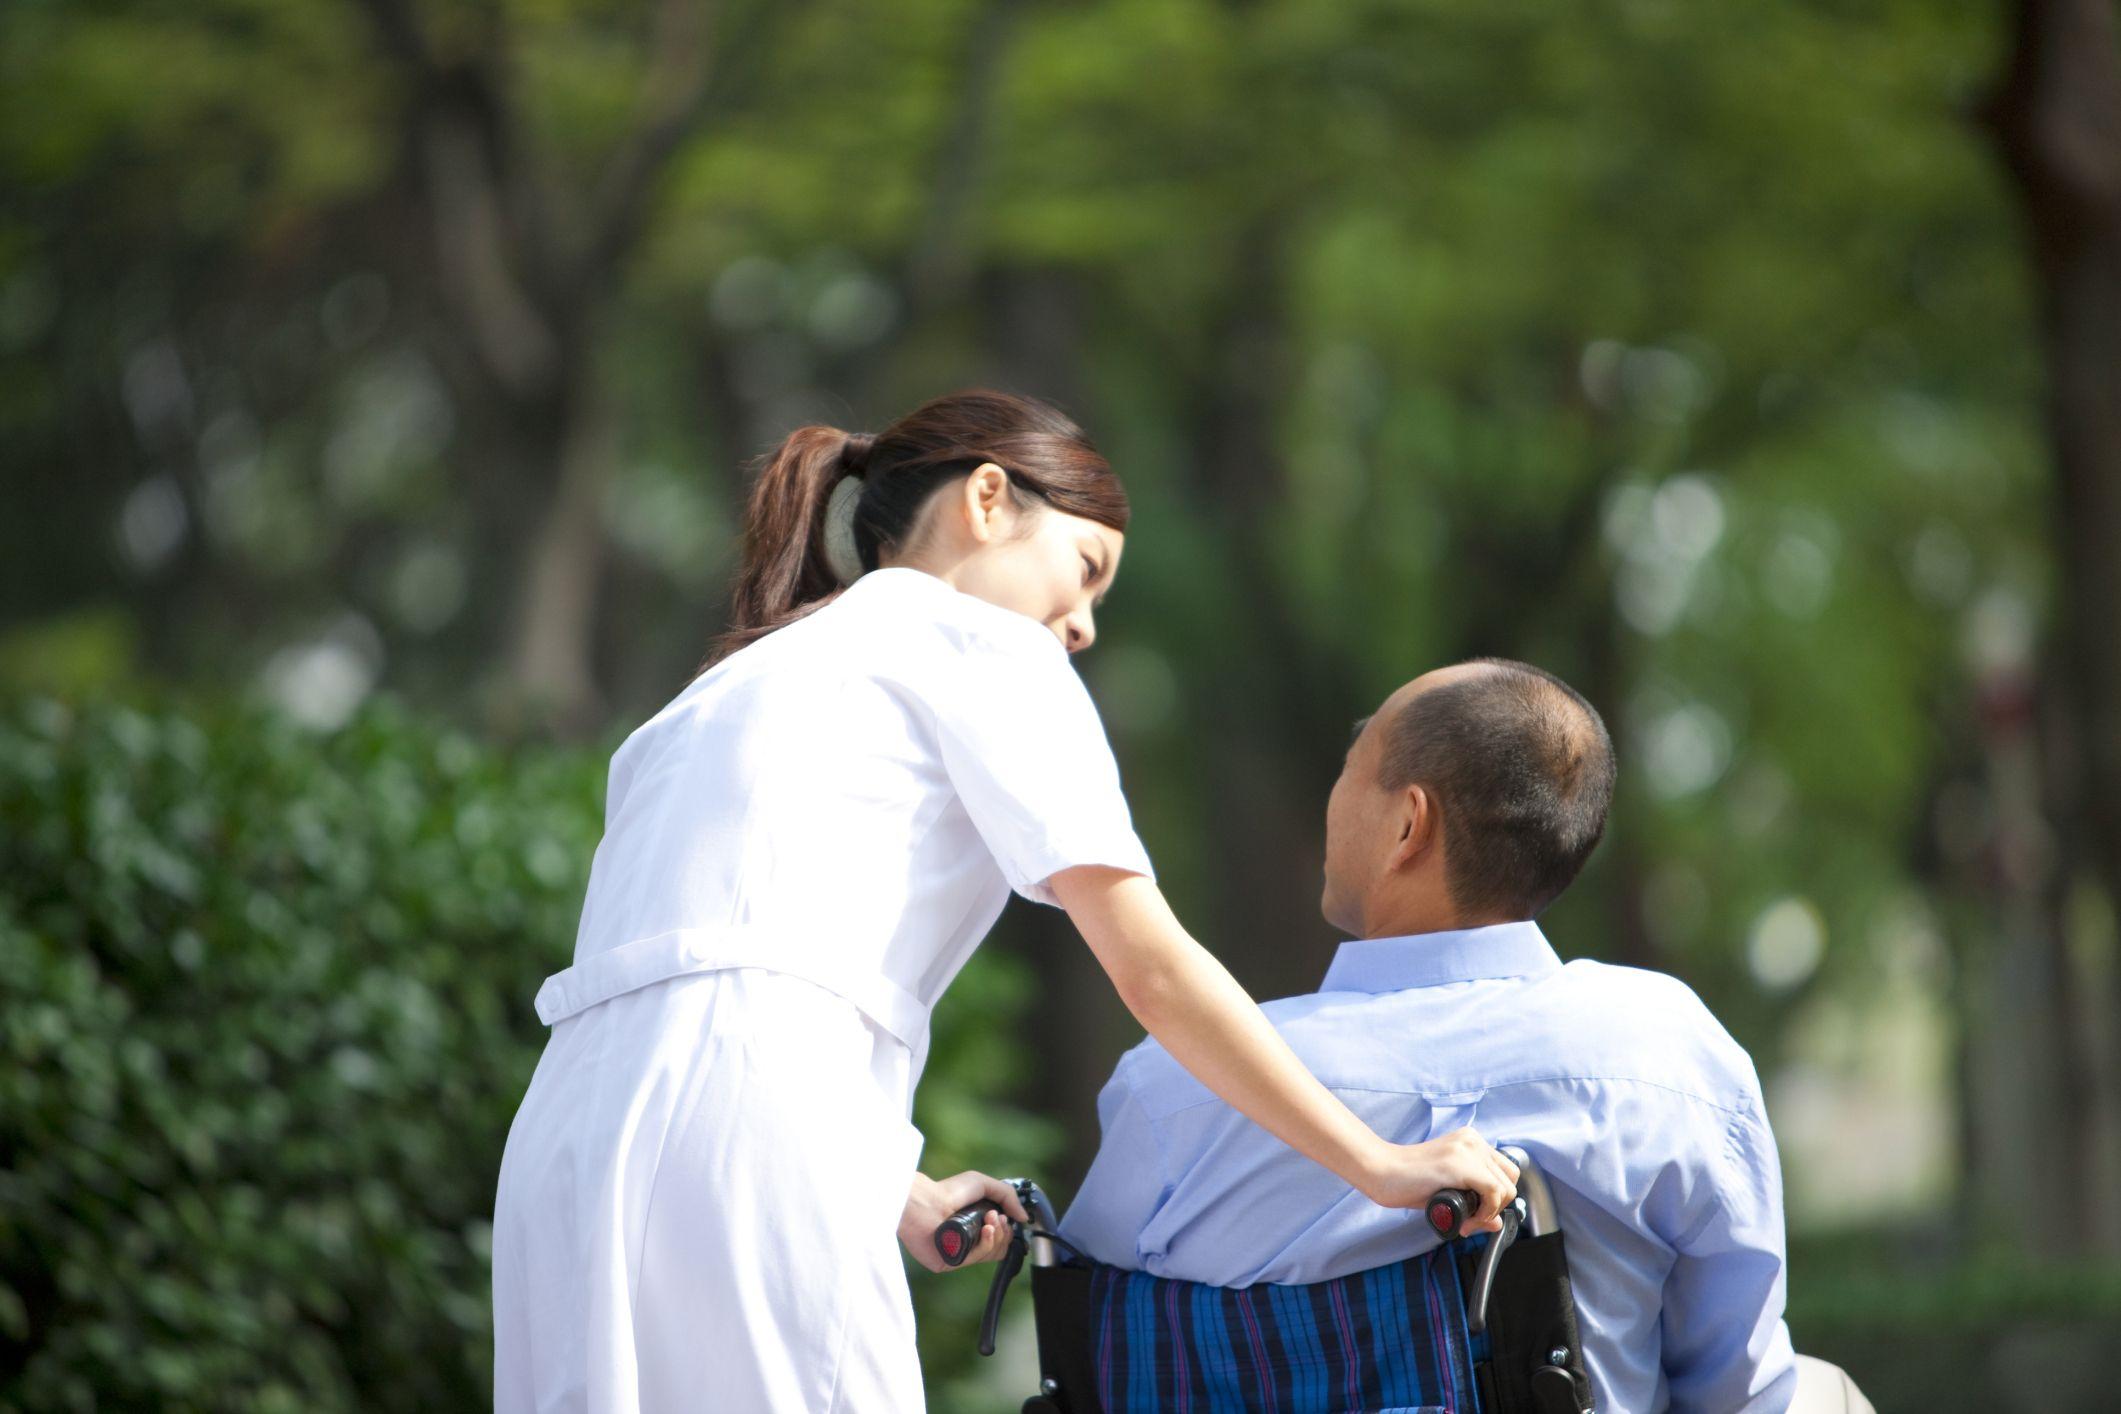 ¿Cómo se estudia Enfermería en Iberoamérica?